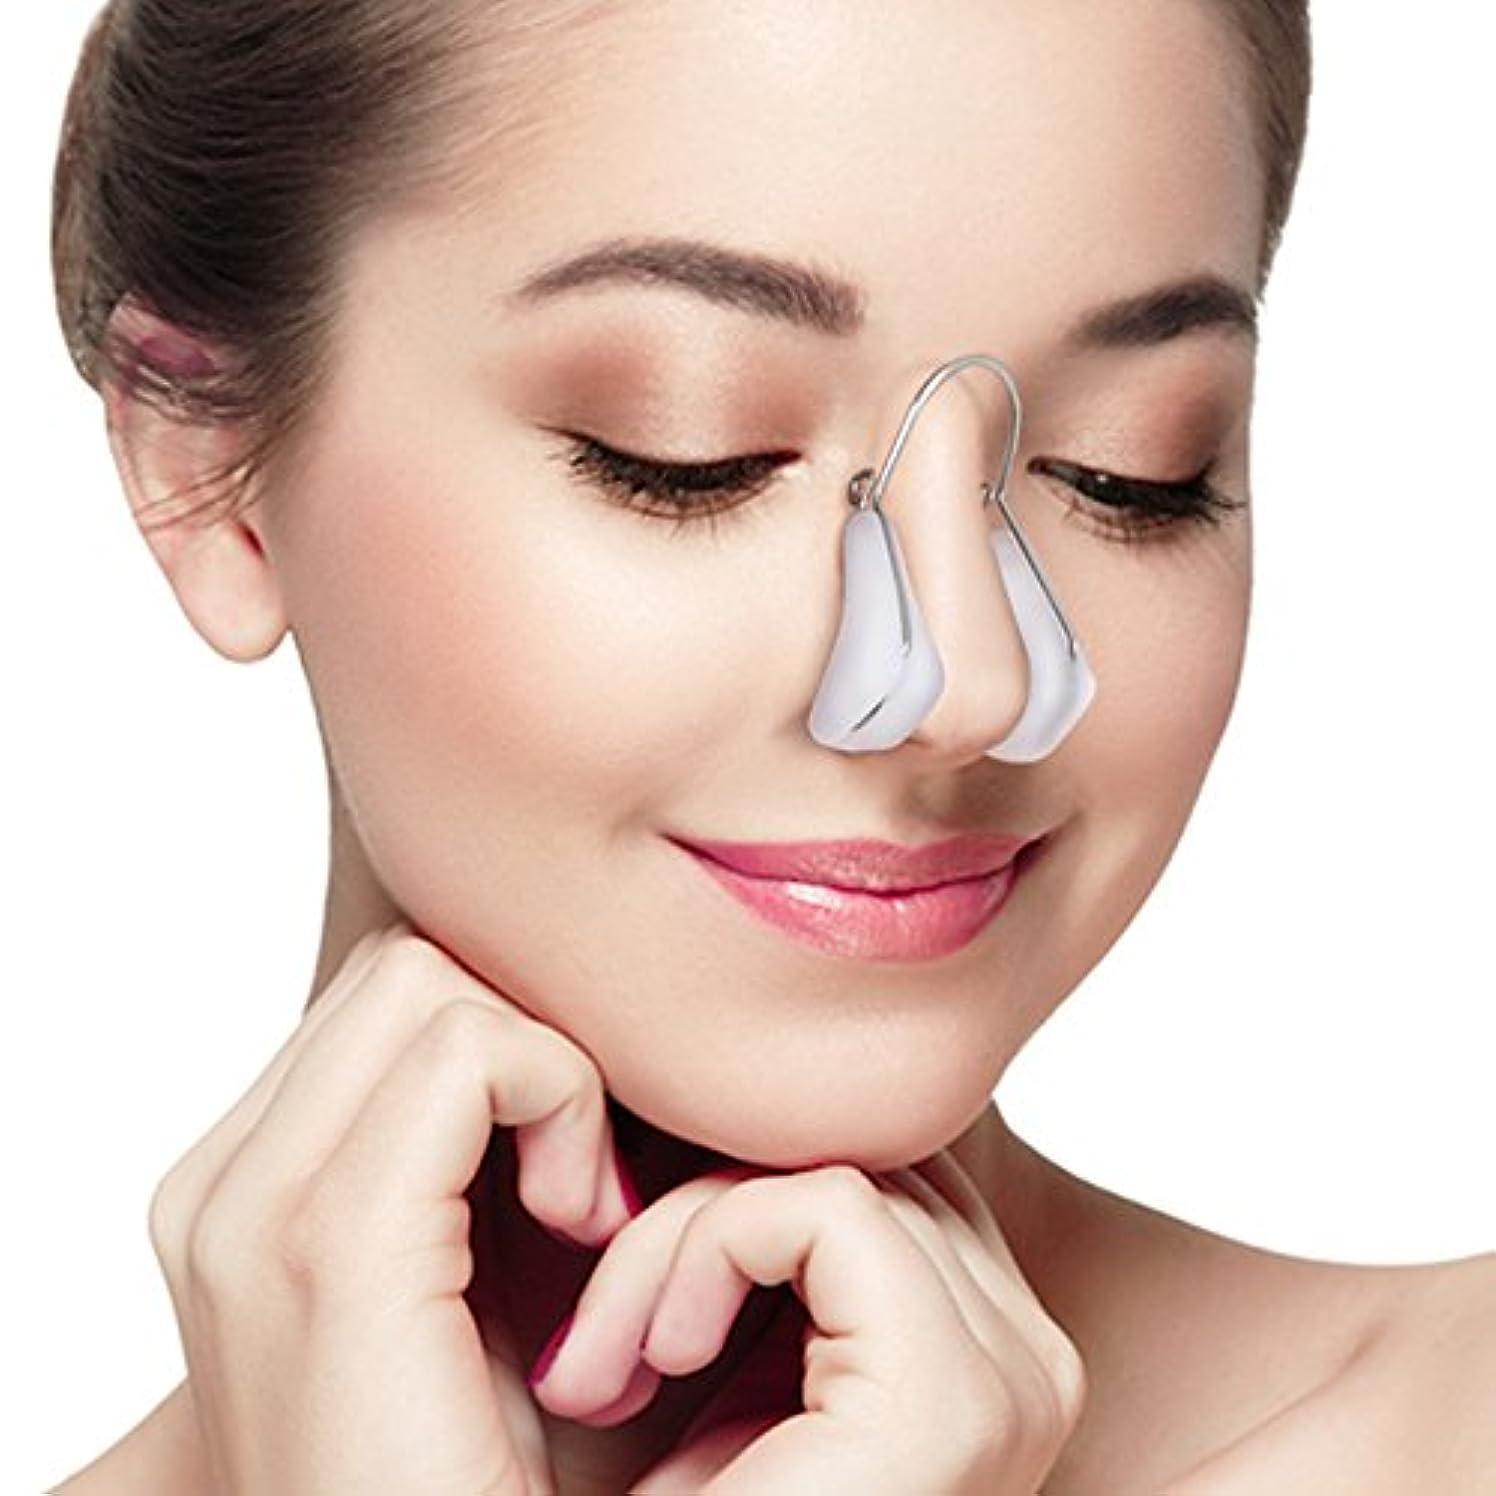 活性化影響力のある接続されたSPADE.s 高鼻 クリップ 団子鼻 上向き鼻 コンプレックス 解消 SC-004 (ホワイト)